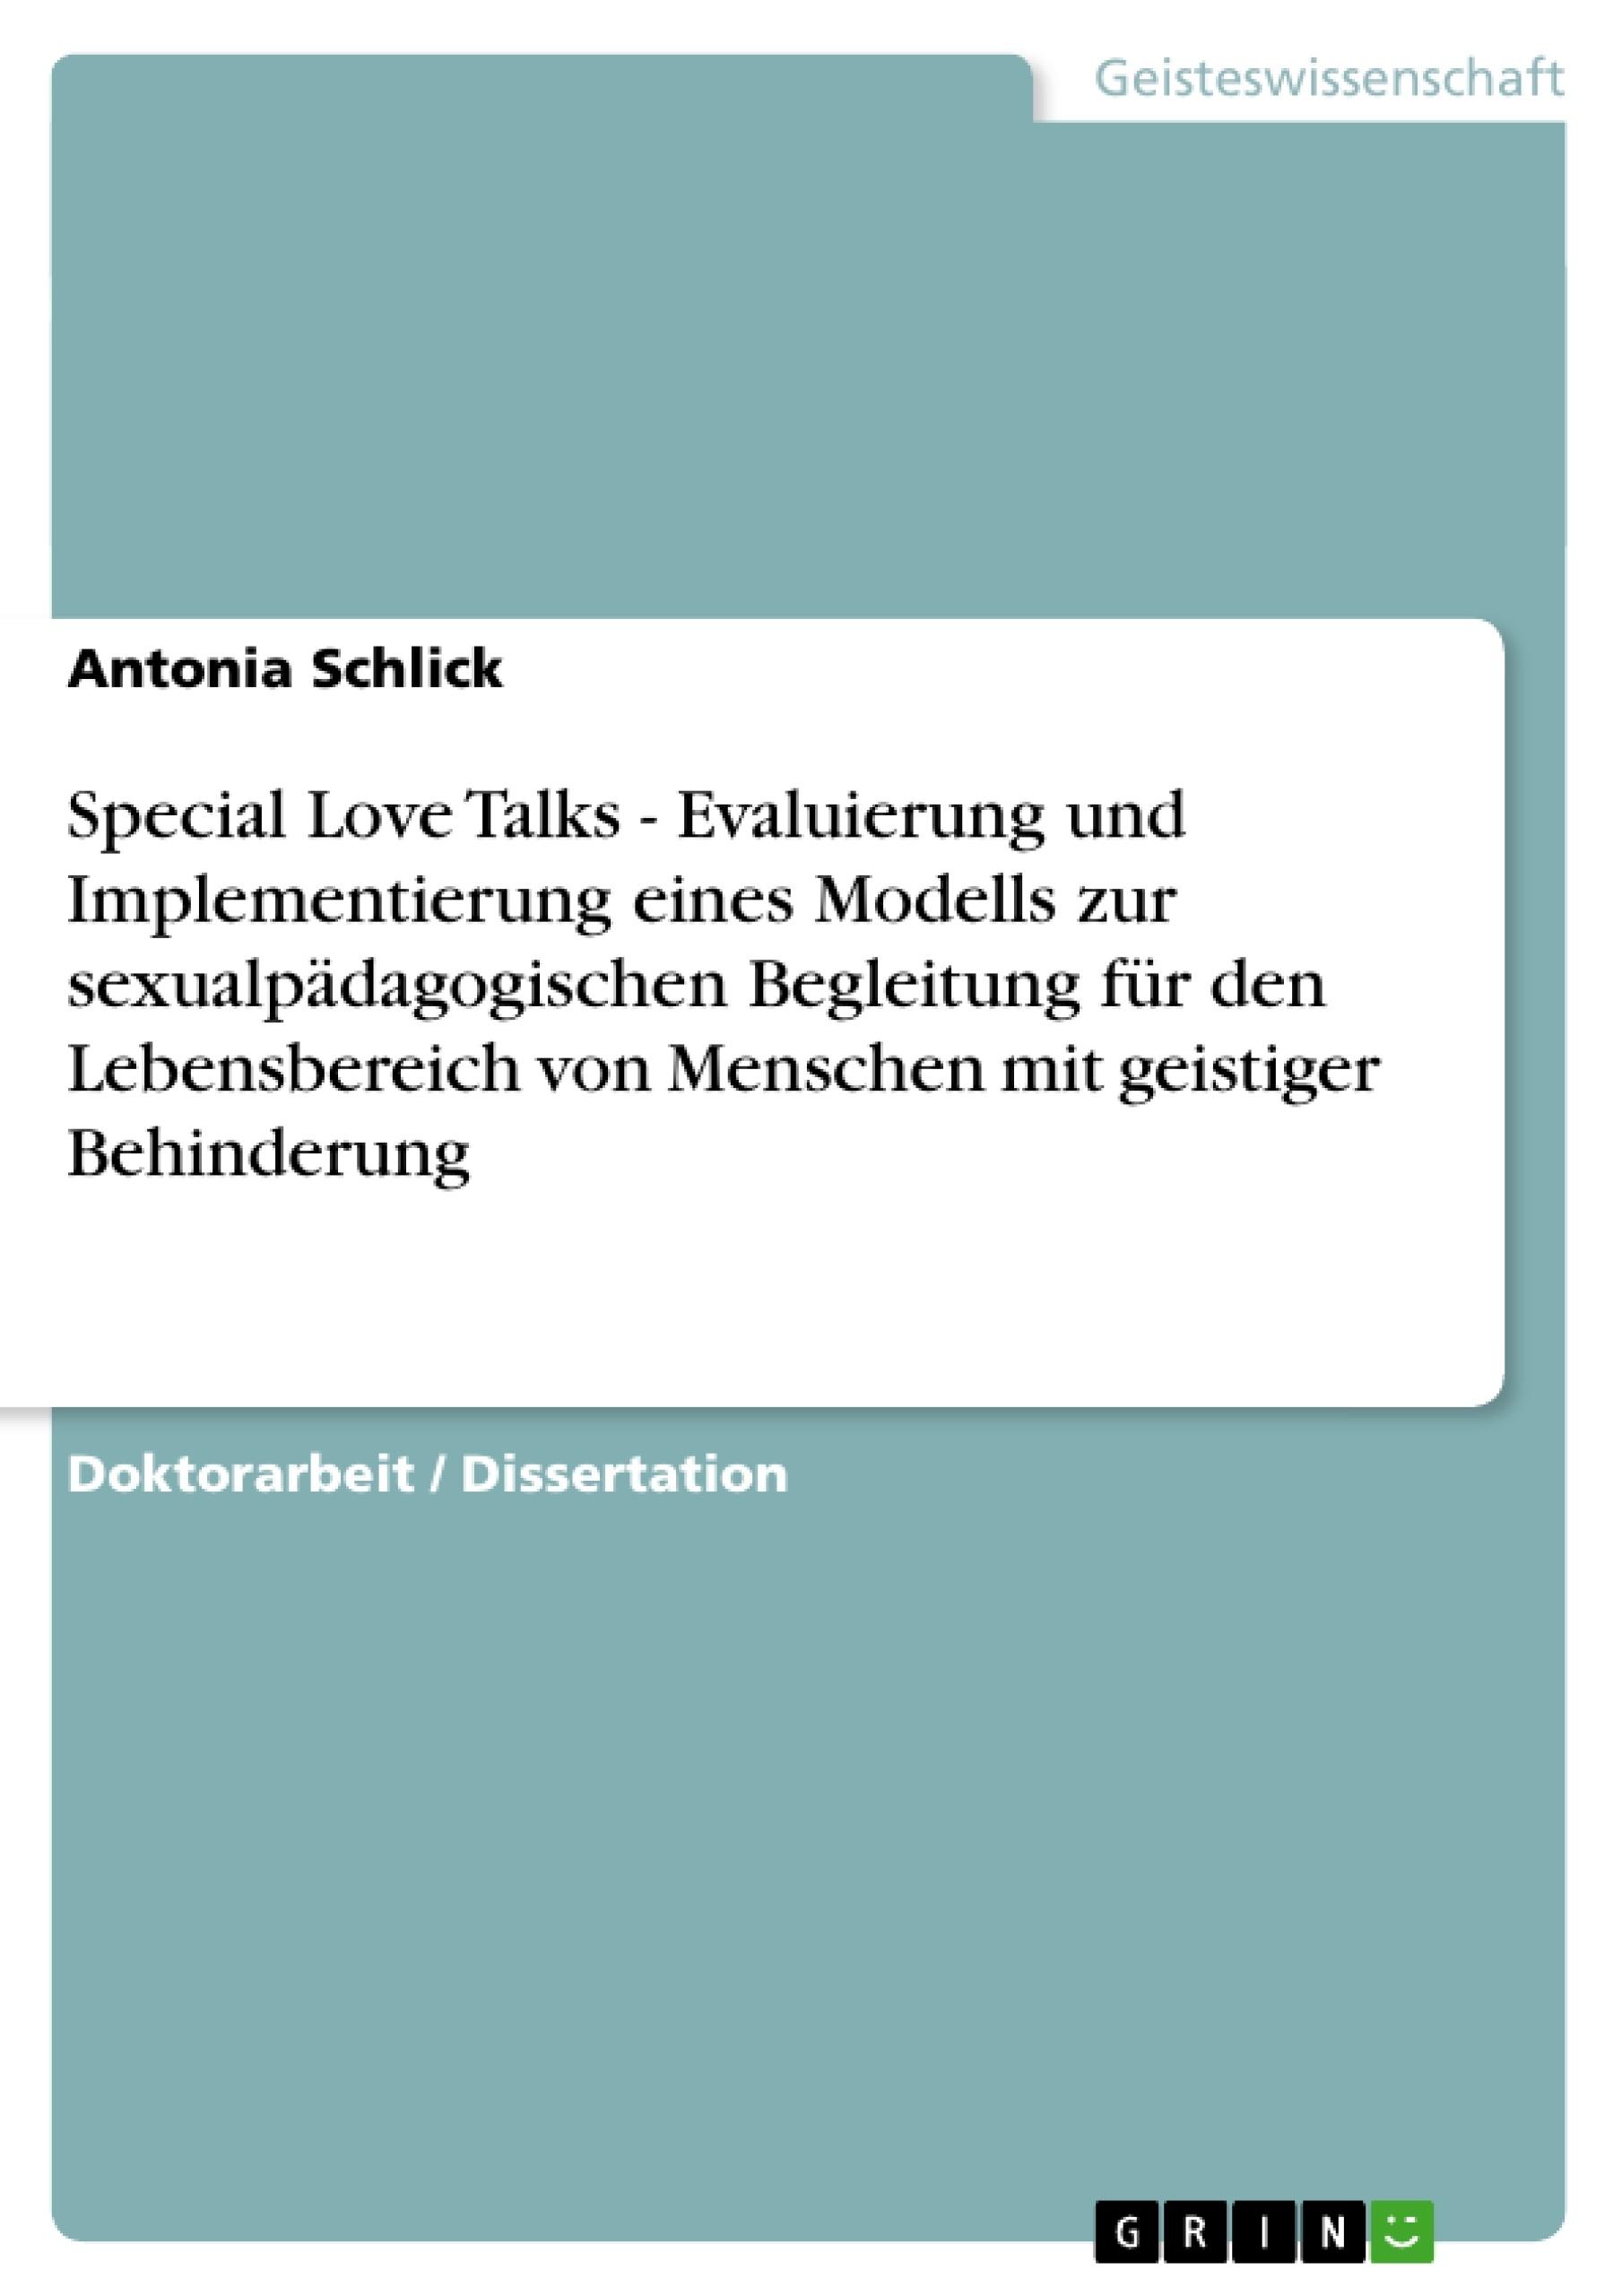 Titel: Special Love Talks - Evaluierung und Implementierung eines Modells zur sexualpädagogischen Begleitung für den Lebensbereich von Menschen mit geistiger Behinderung